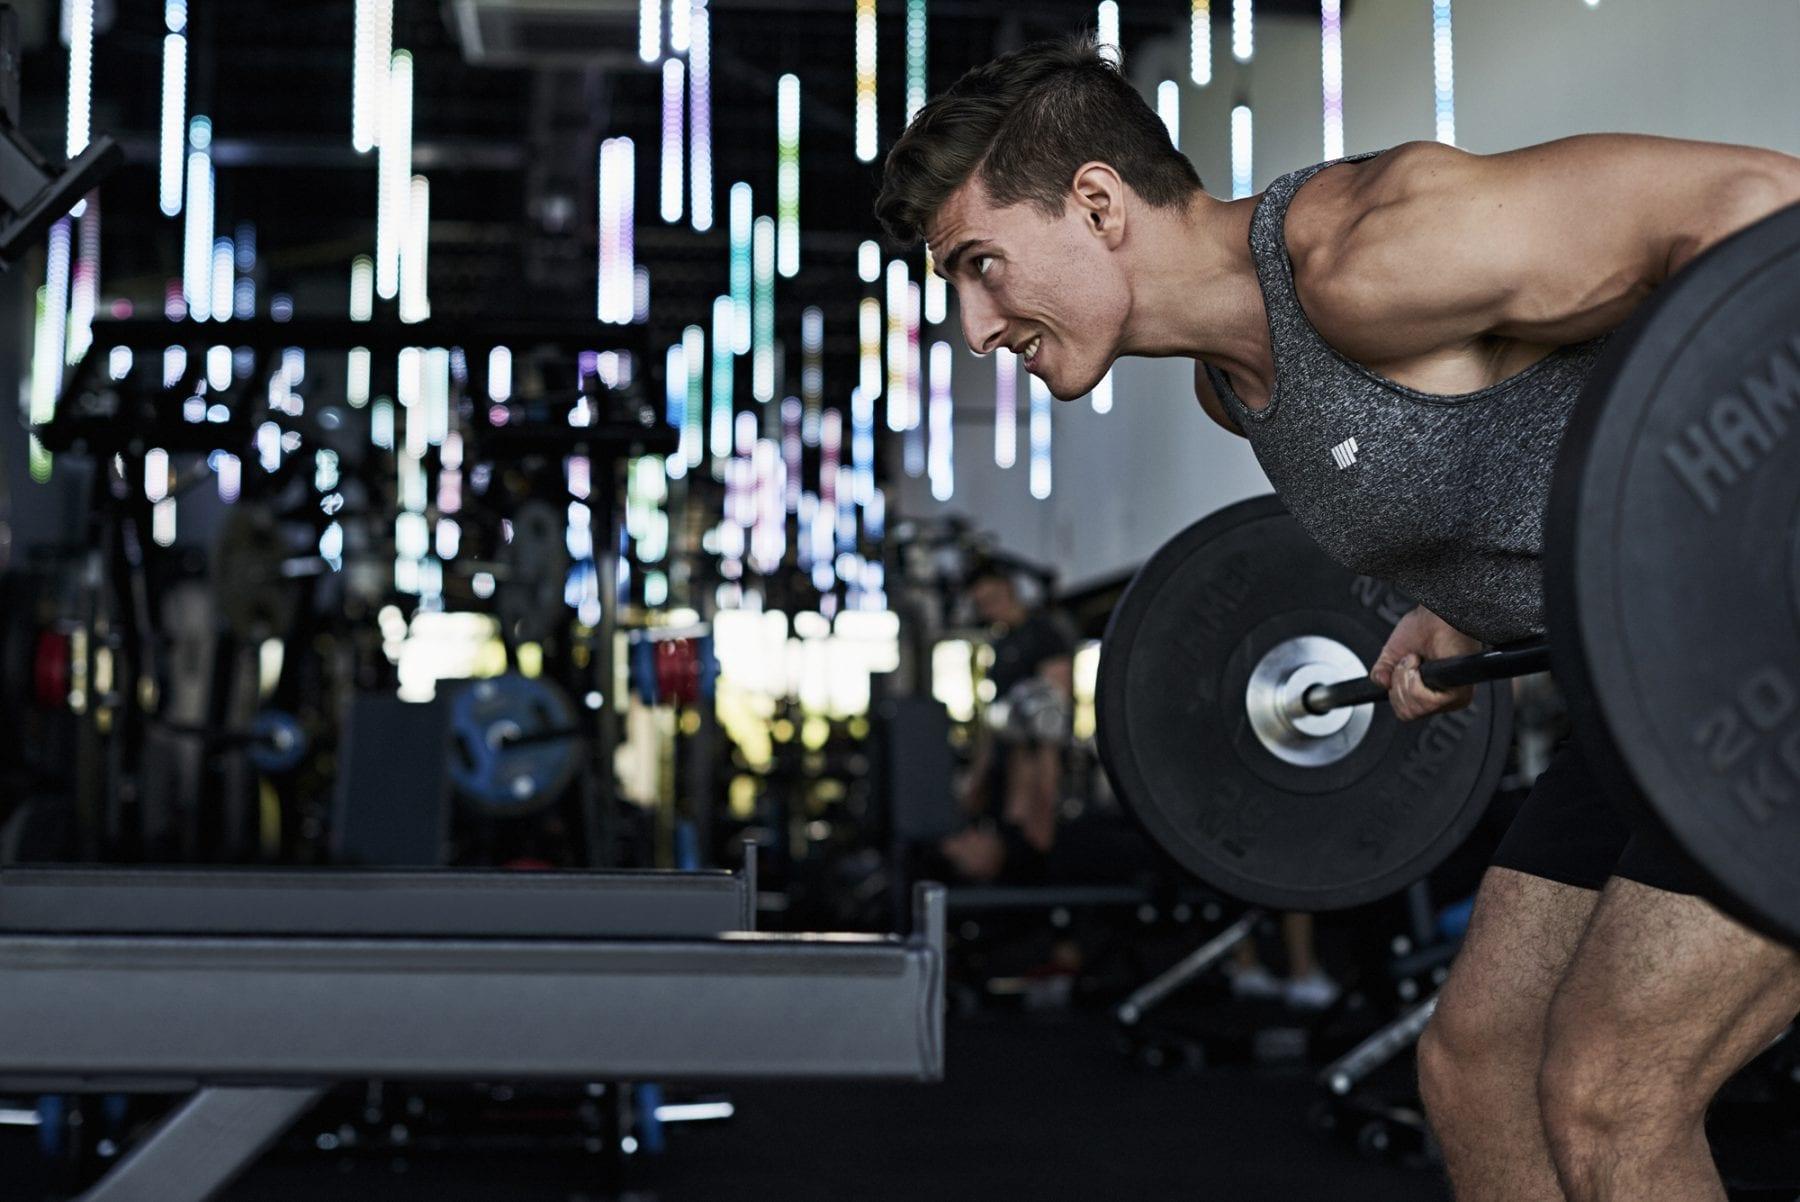 Erfolgreich Muskeln aufbauen - Tipp 1: Führe ein Ernährungstagebuch